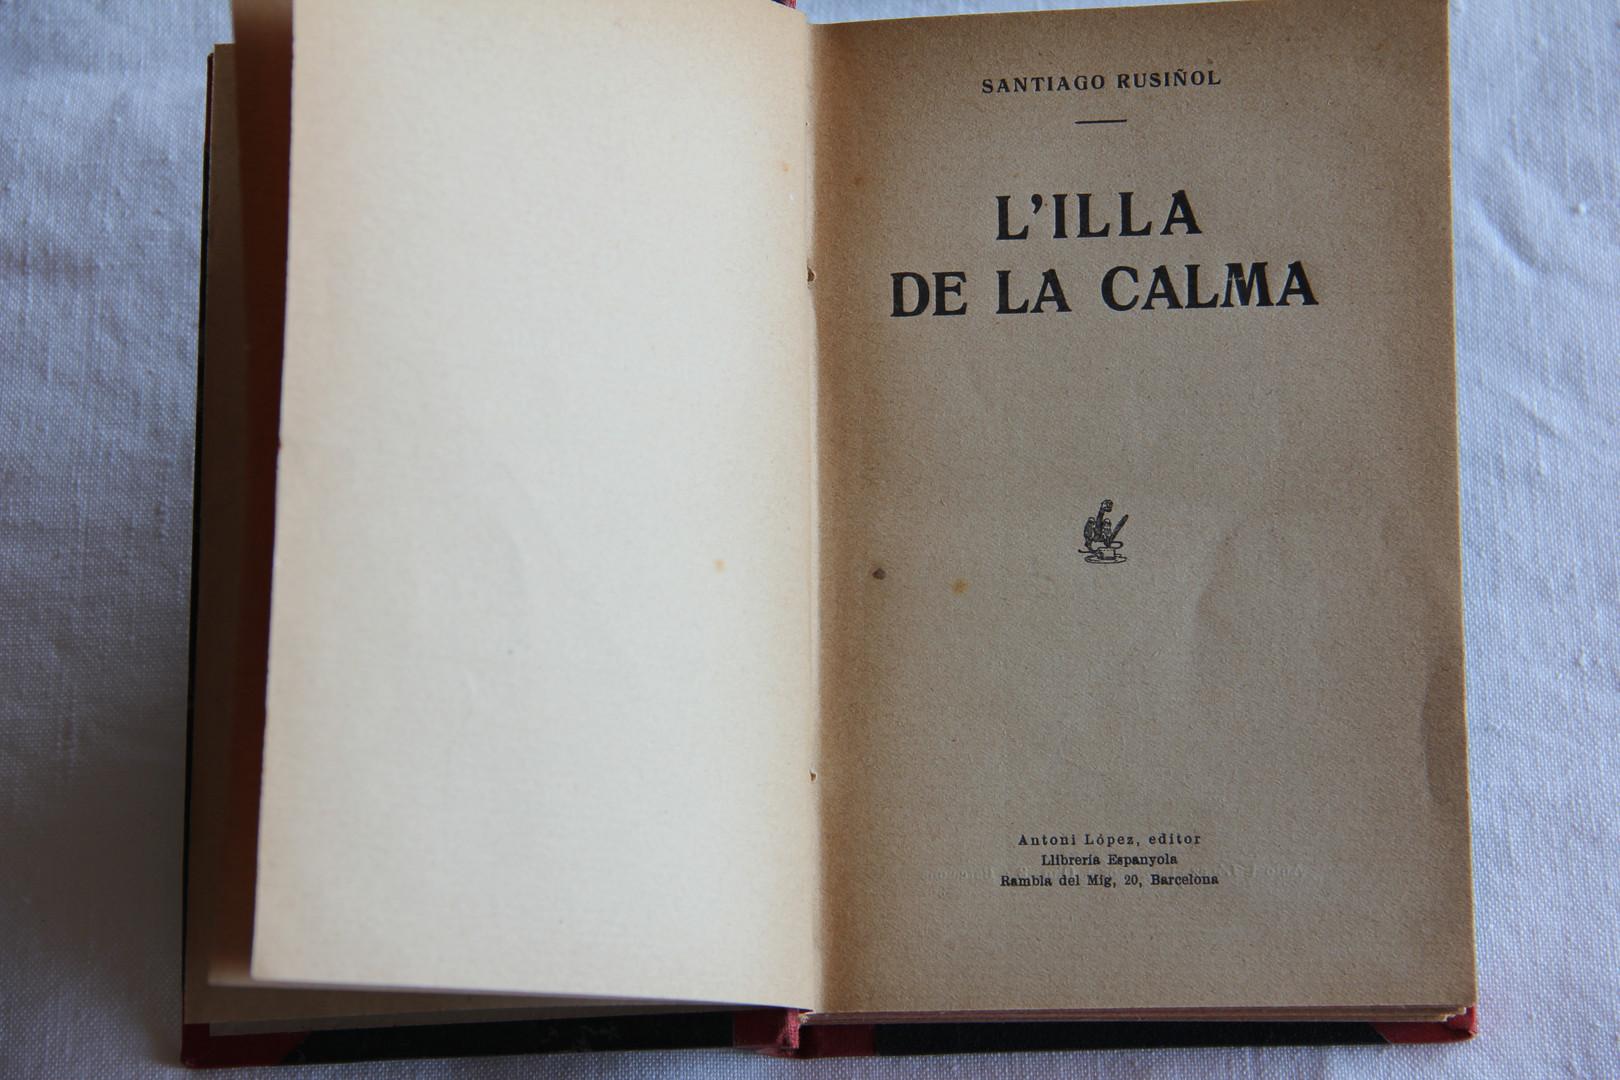 """Copy of """"L'illa de la calma"""", by Santiago Rusiñol (1905)."""